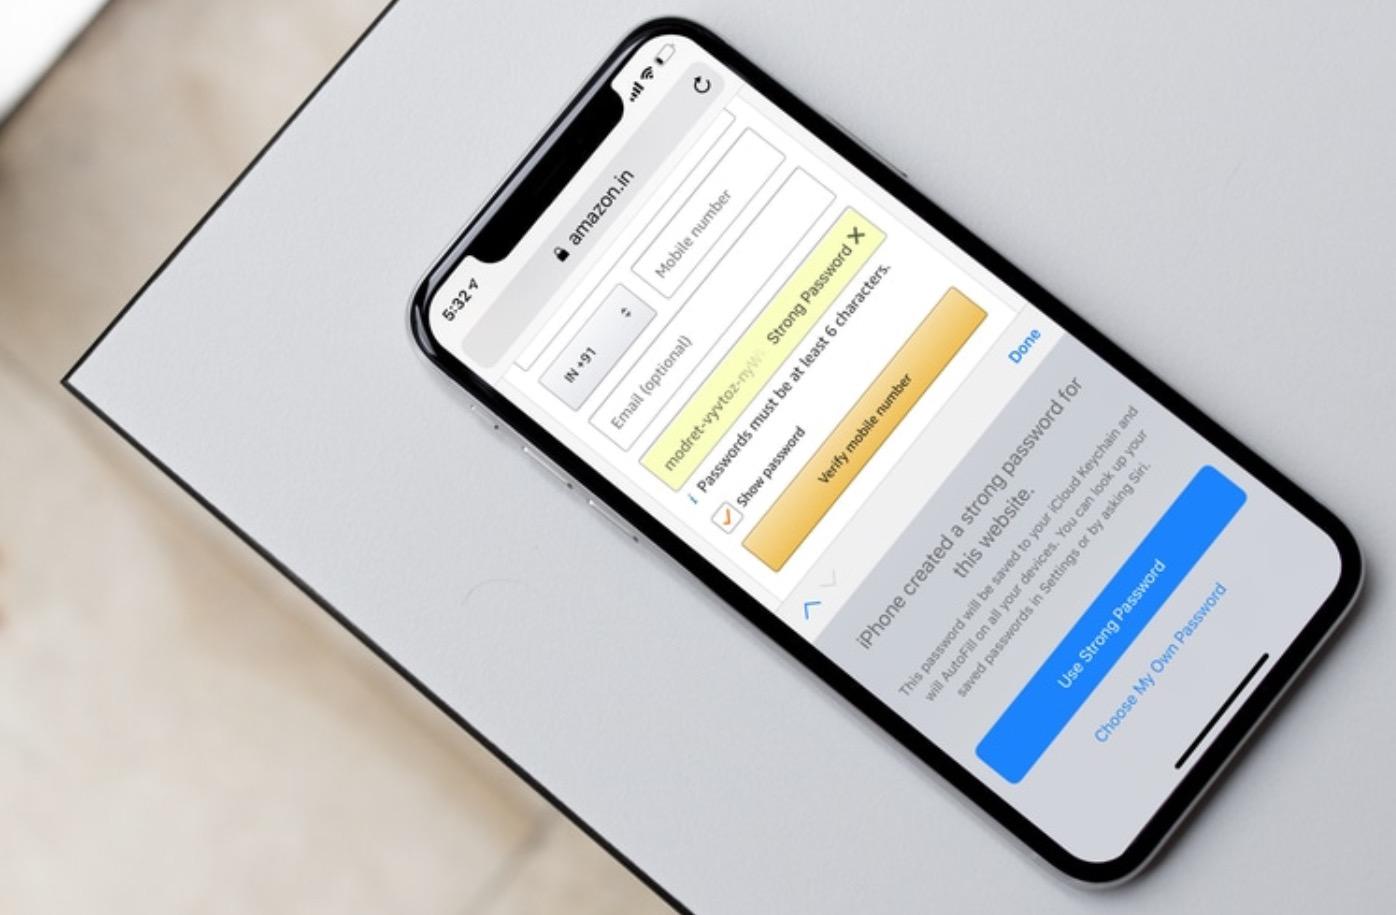 Apple propose en open source de quoi faciliter la création de mots de passe forts